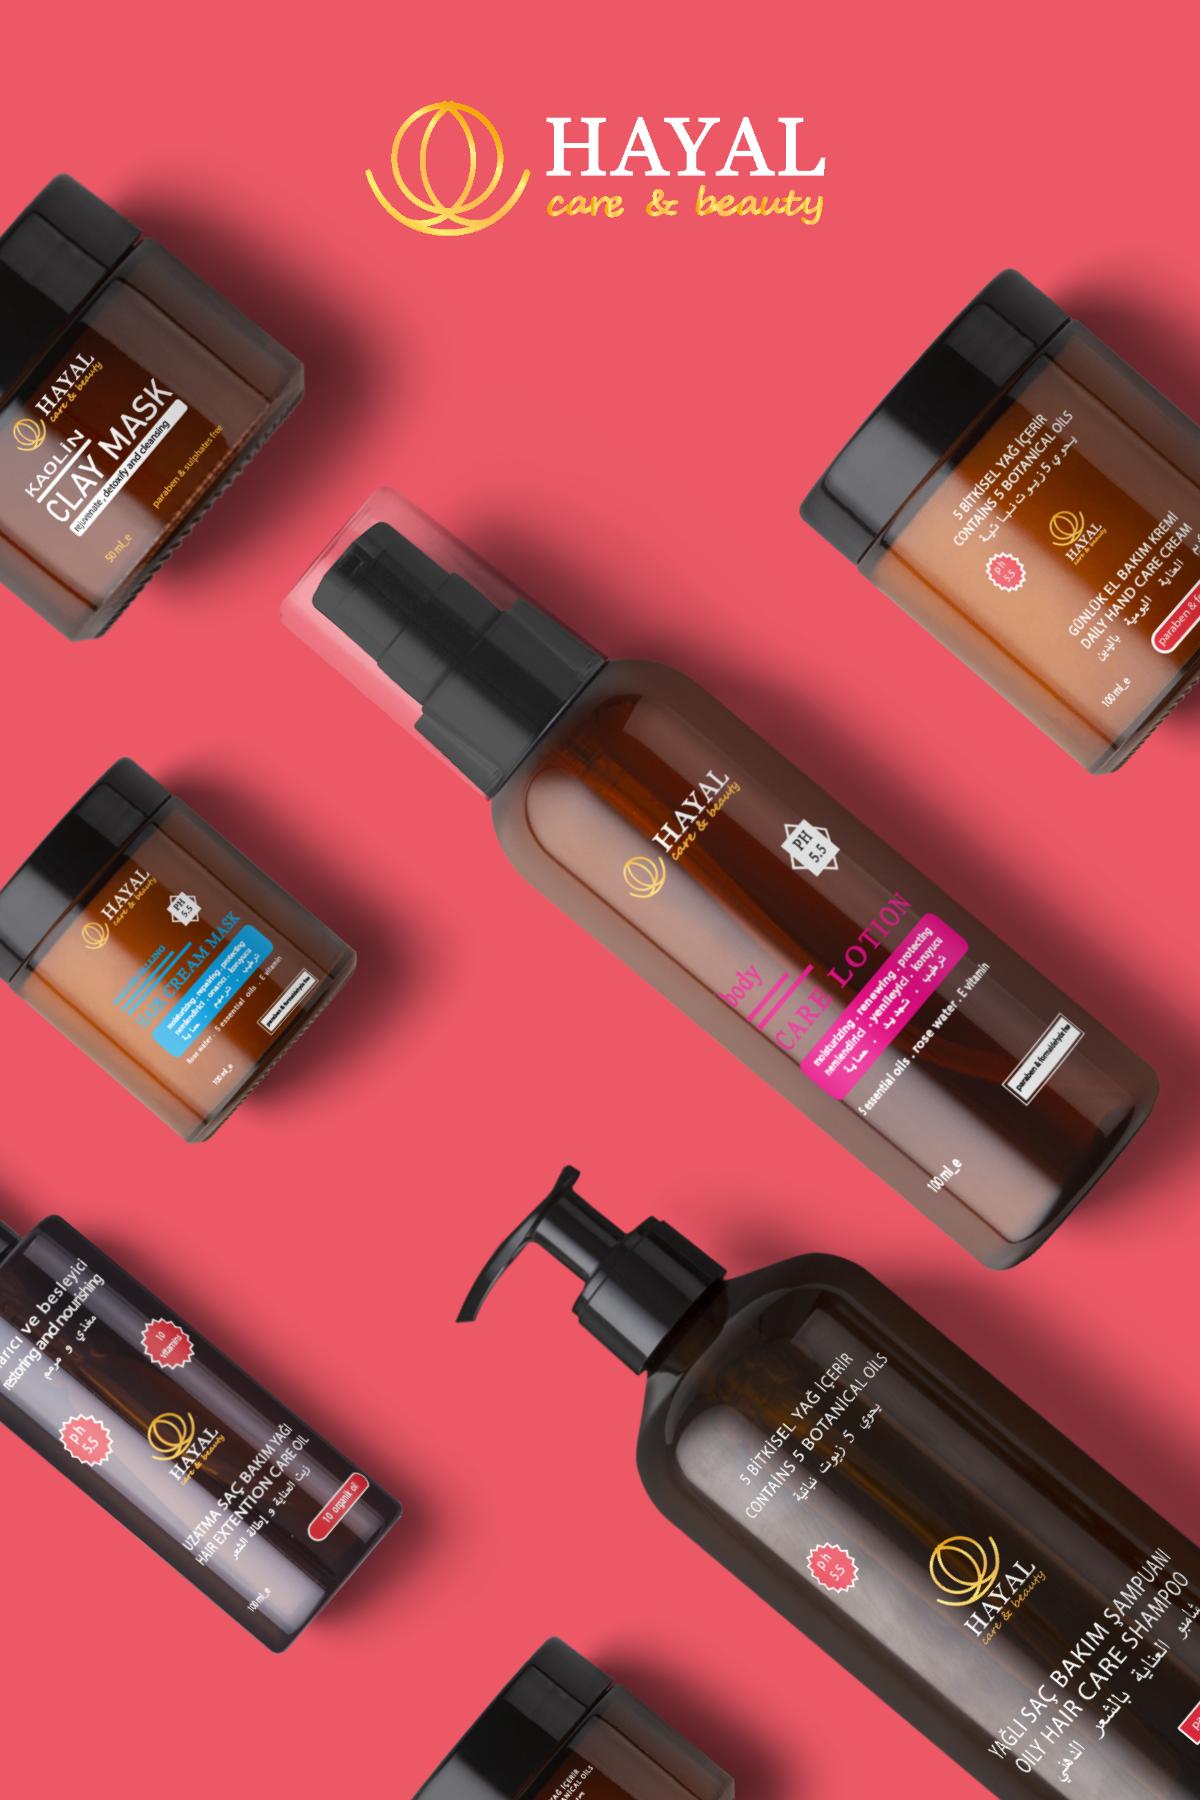 Hayal Hair And Skin Products منتجات خيال للعناية بالبشرة و الشعر Coffee Maker Aeropress Coffee